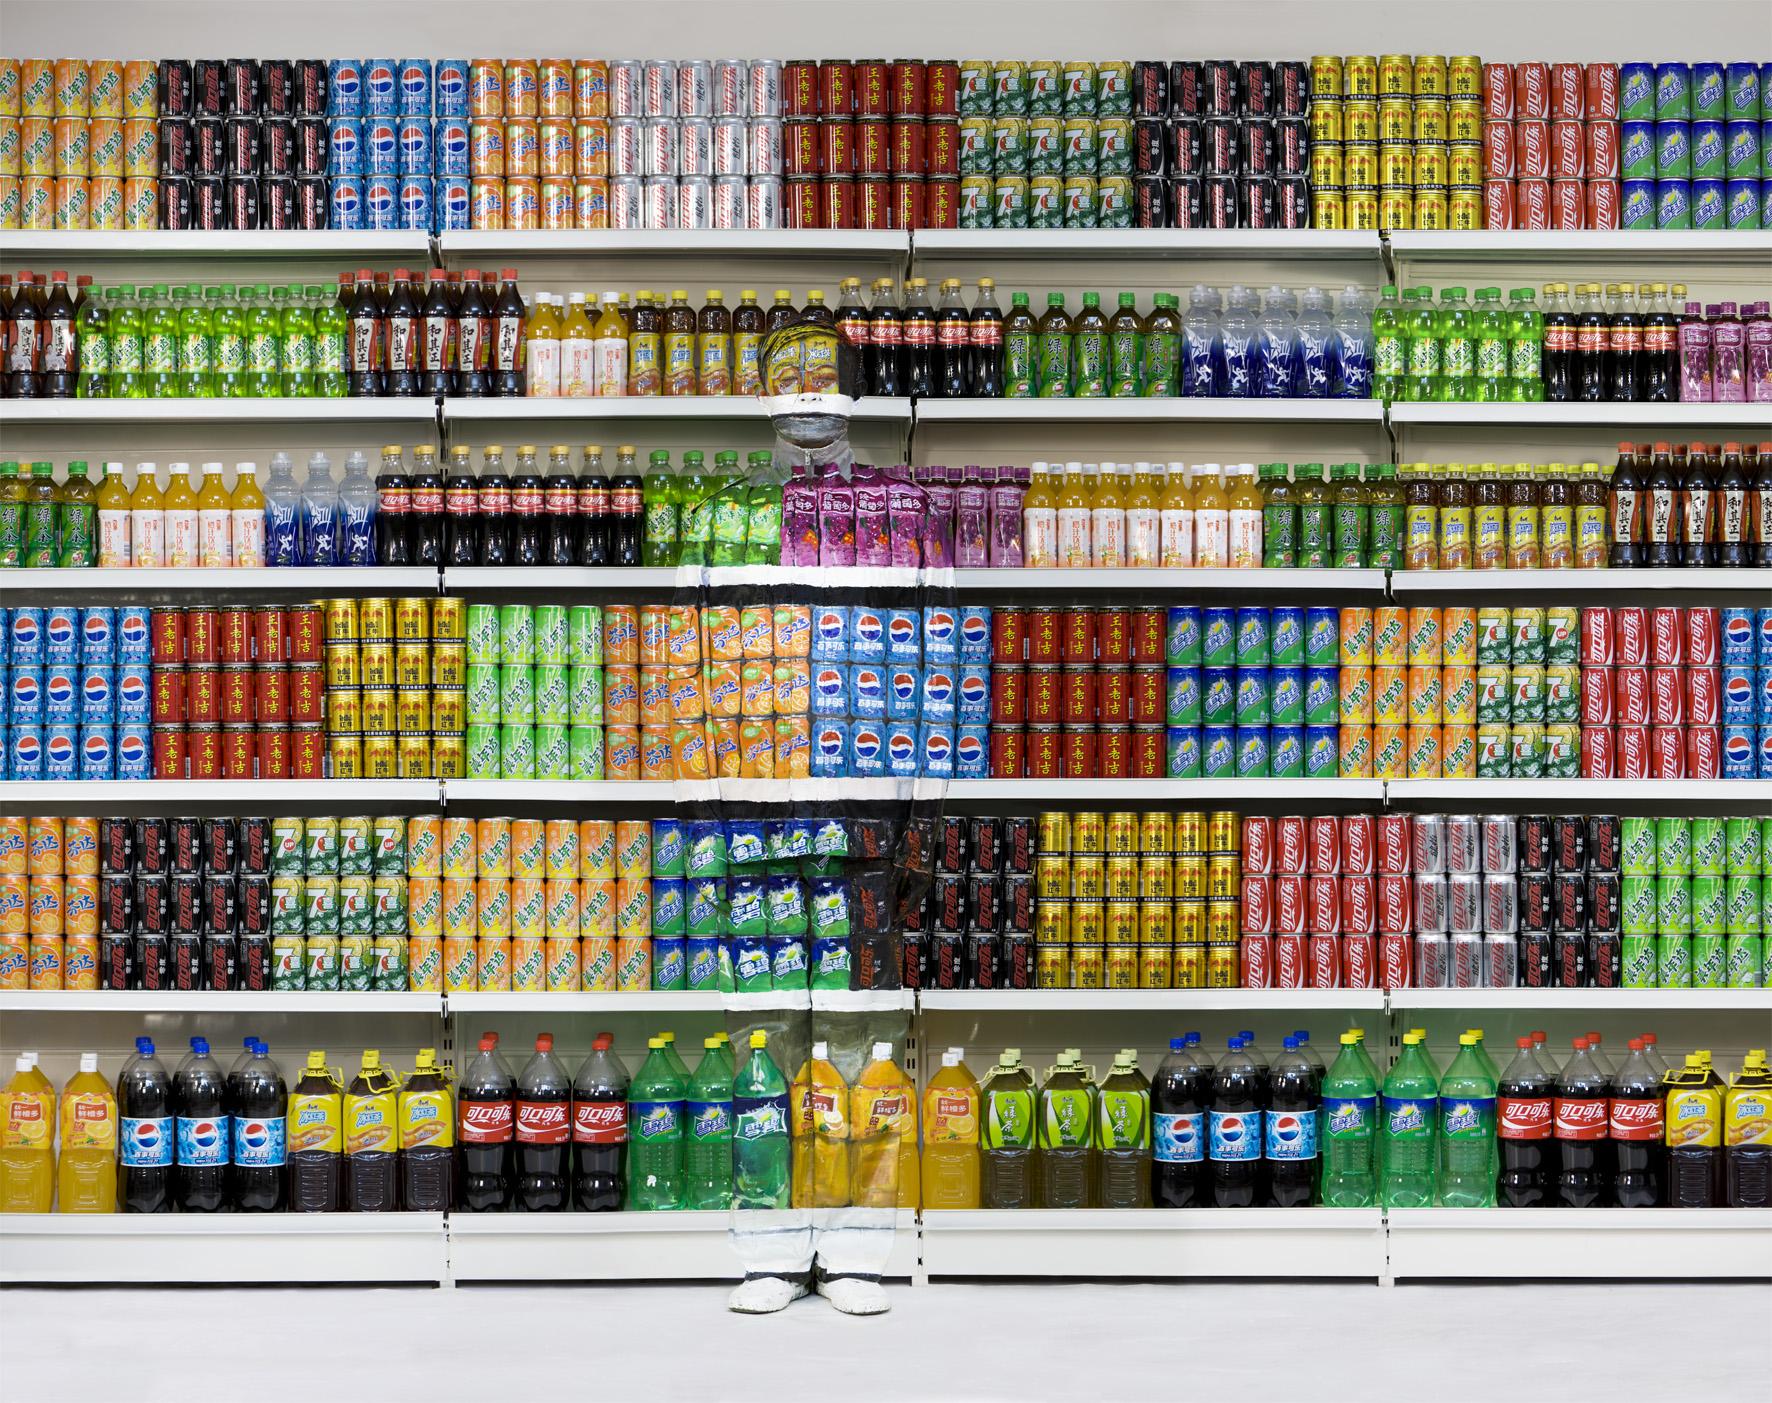 Liu_Bolin_HITC_No.96_Supermarket_3_118x150cm_2011